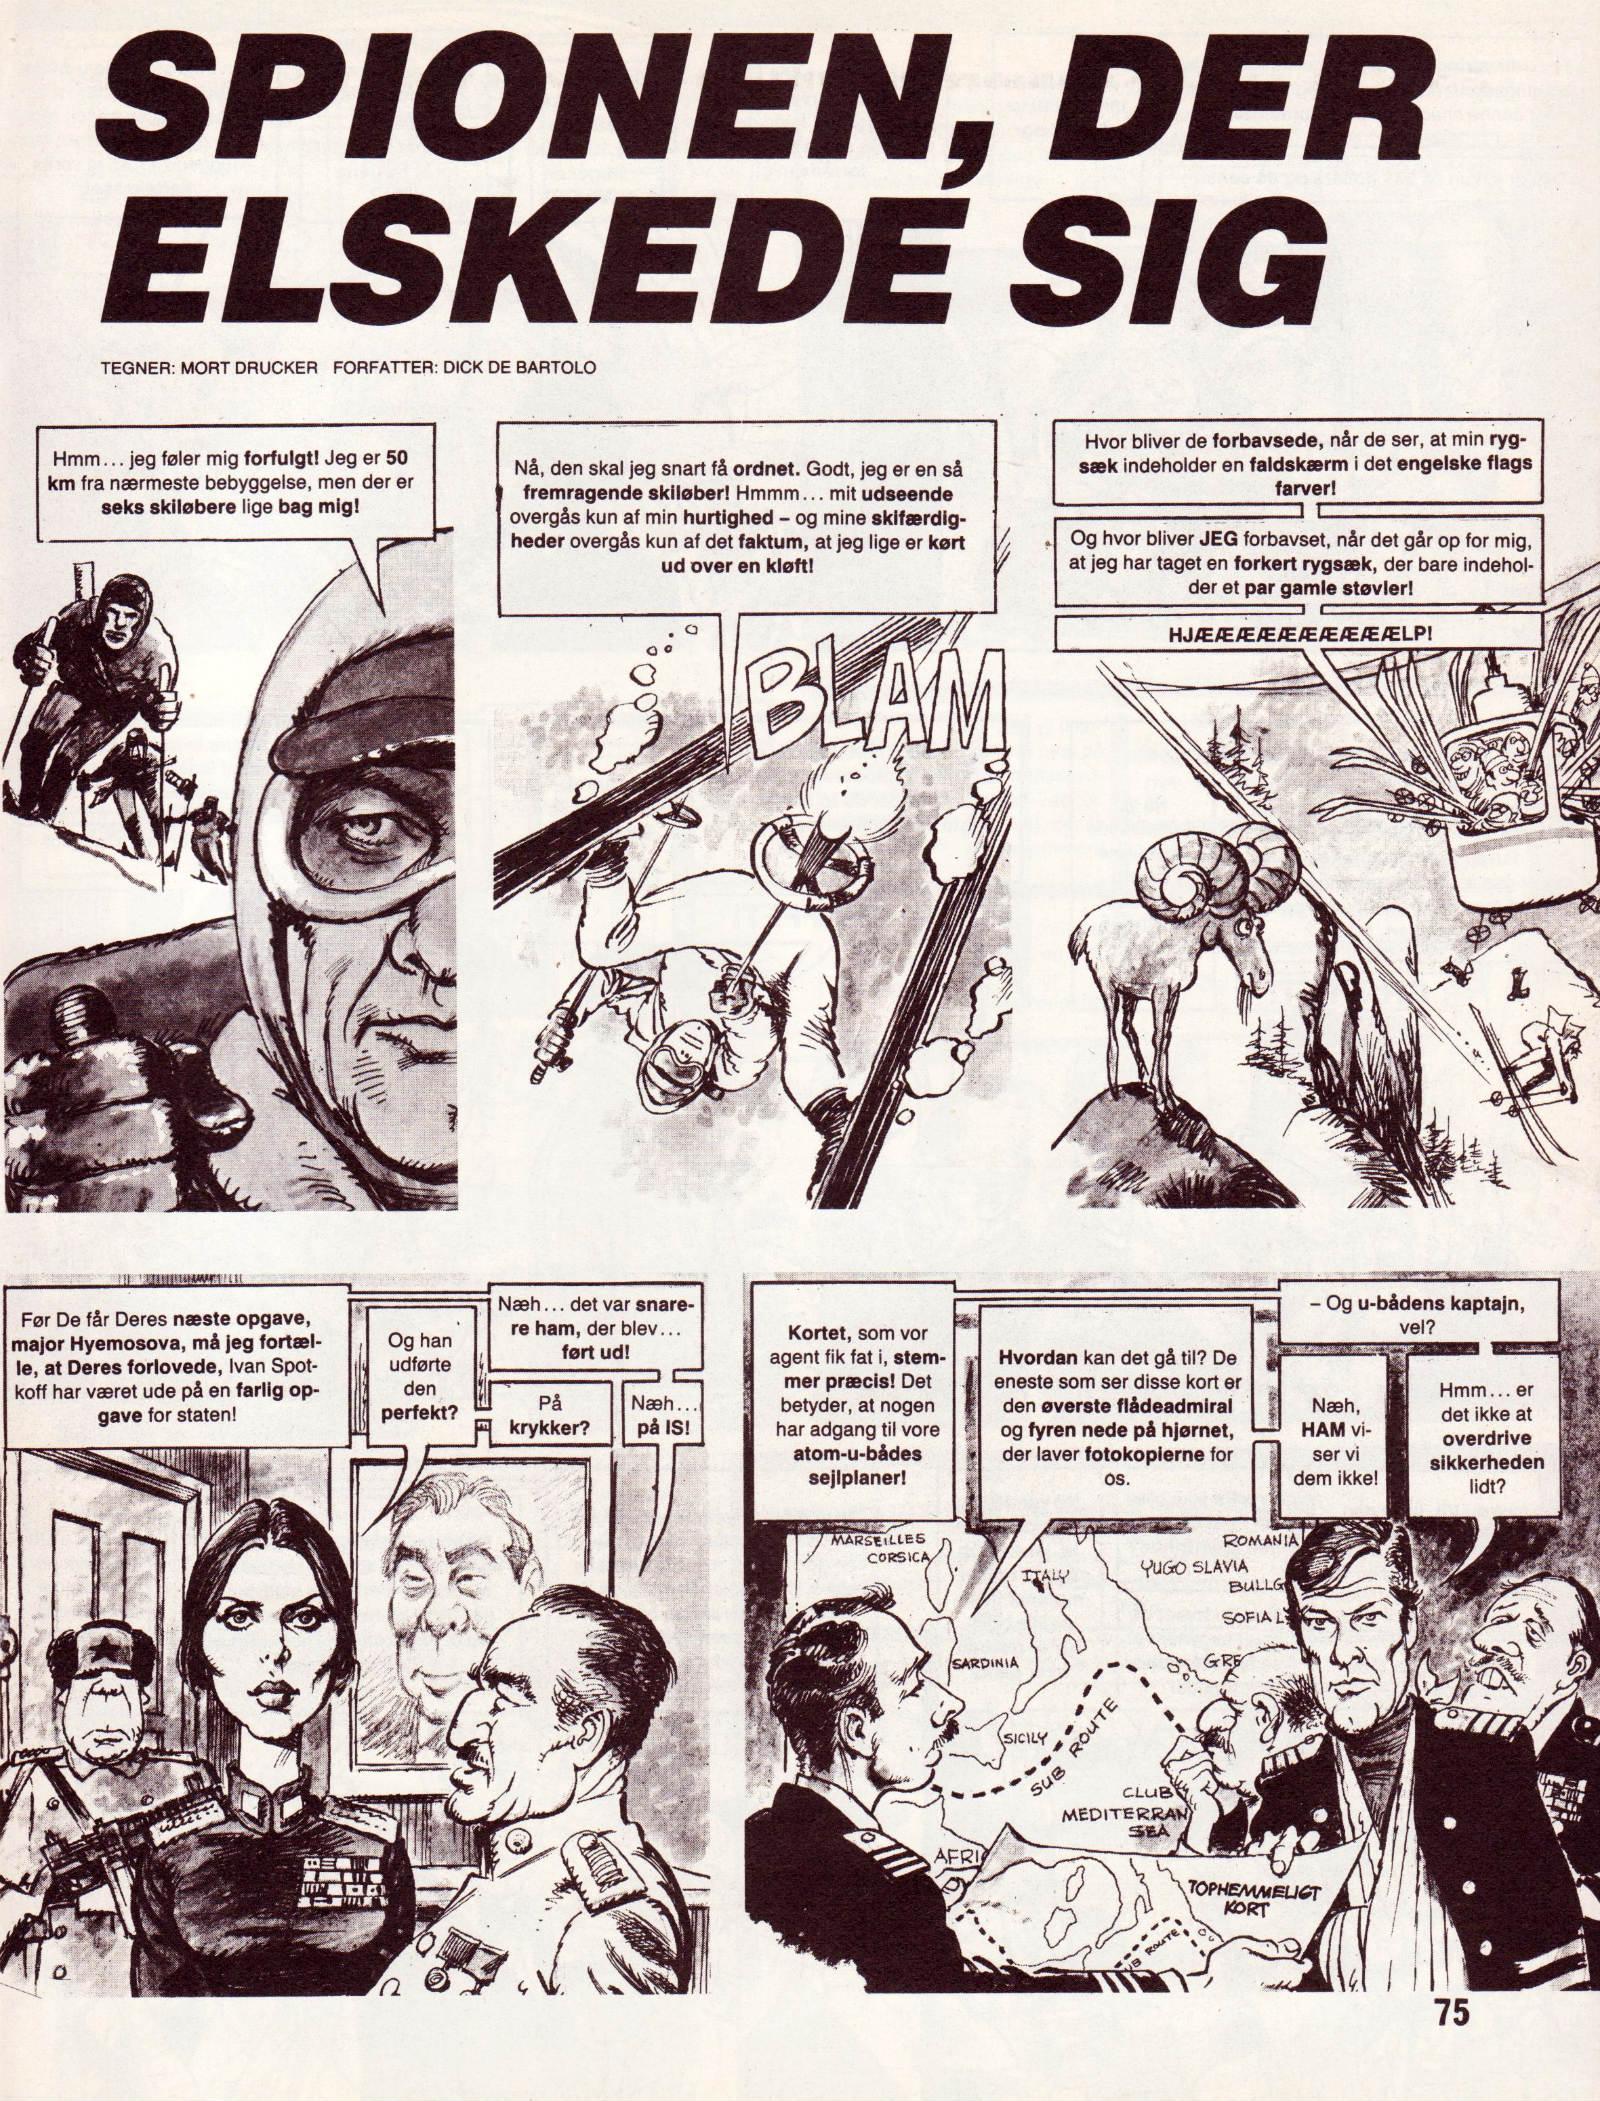 Spionen der elskede sig fra Dansk MAD's Videoguide side 75